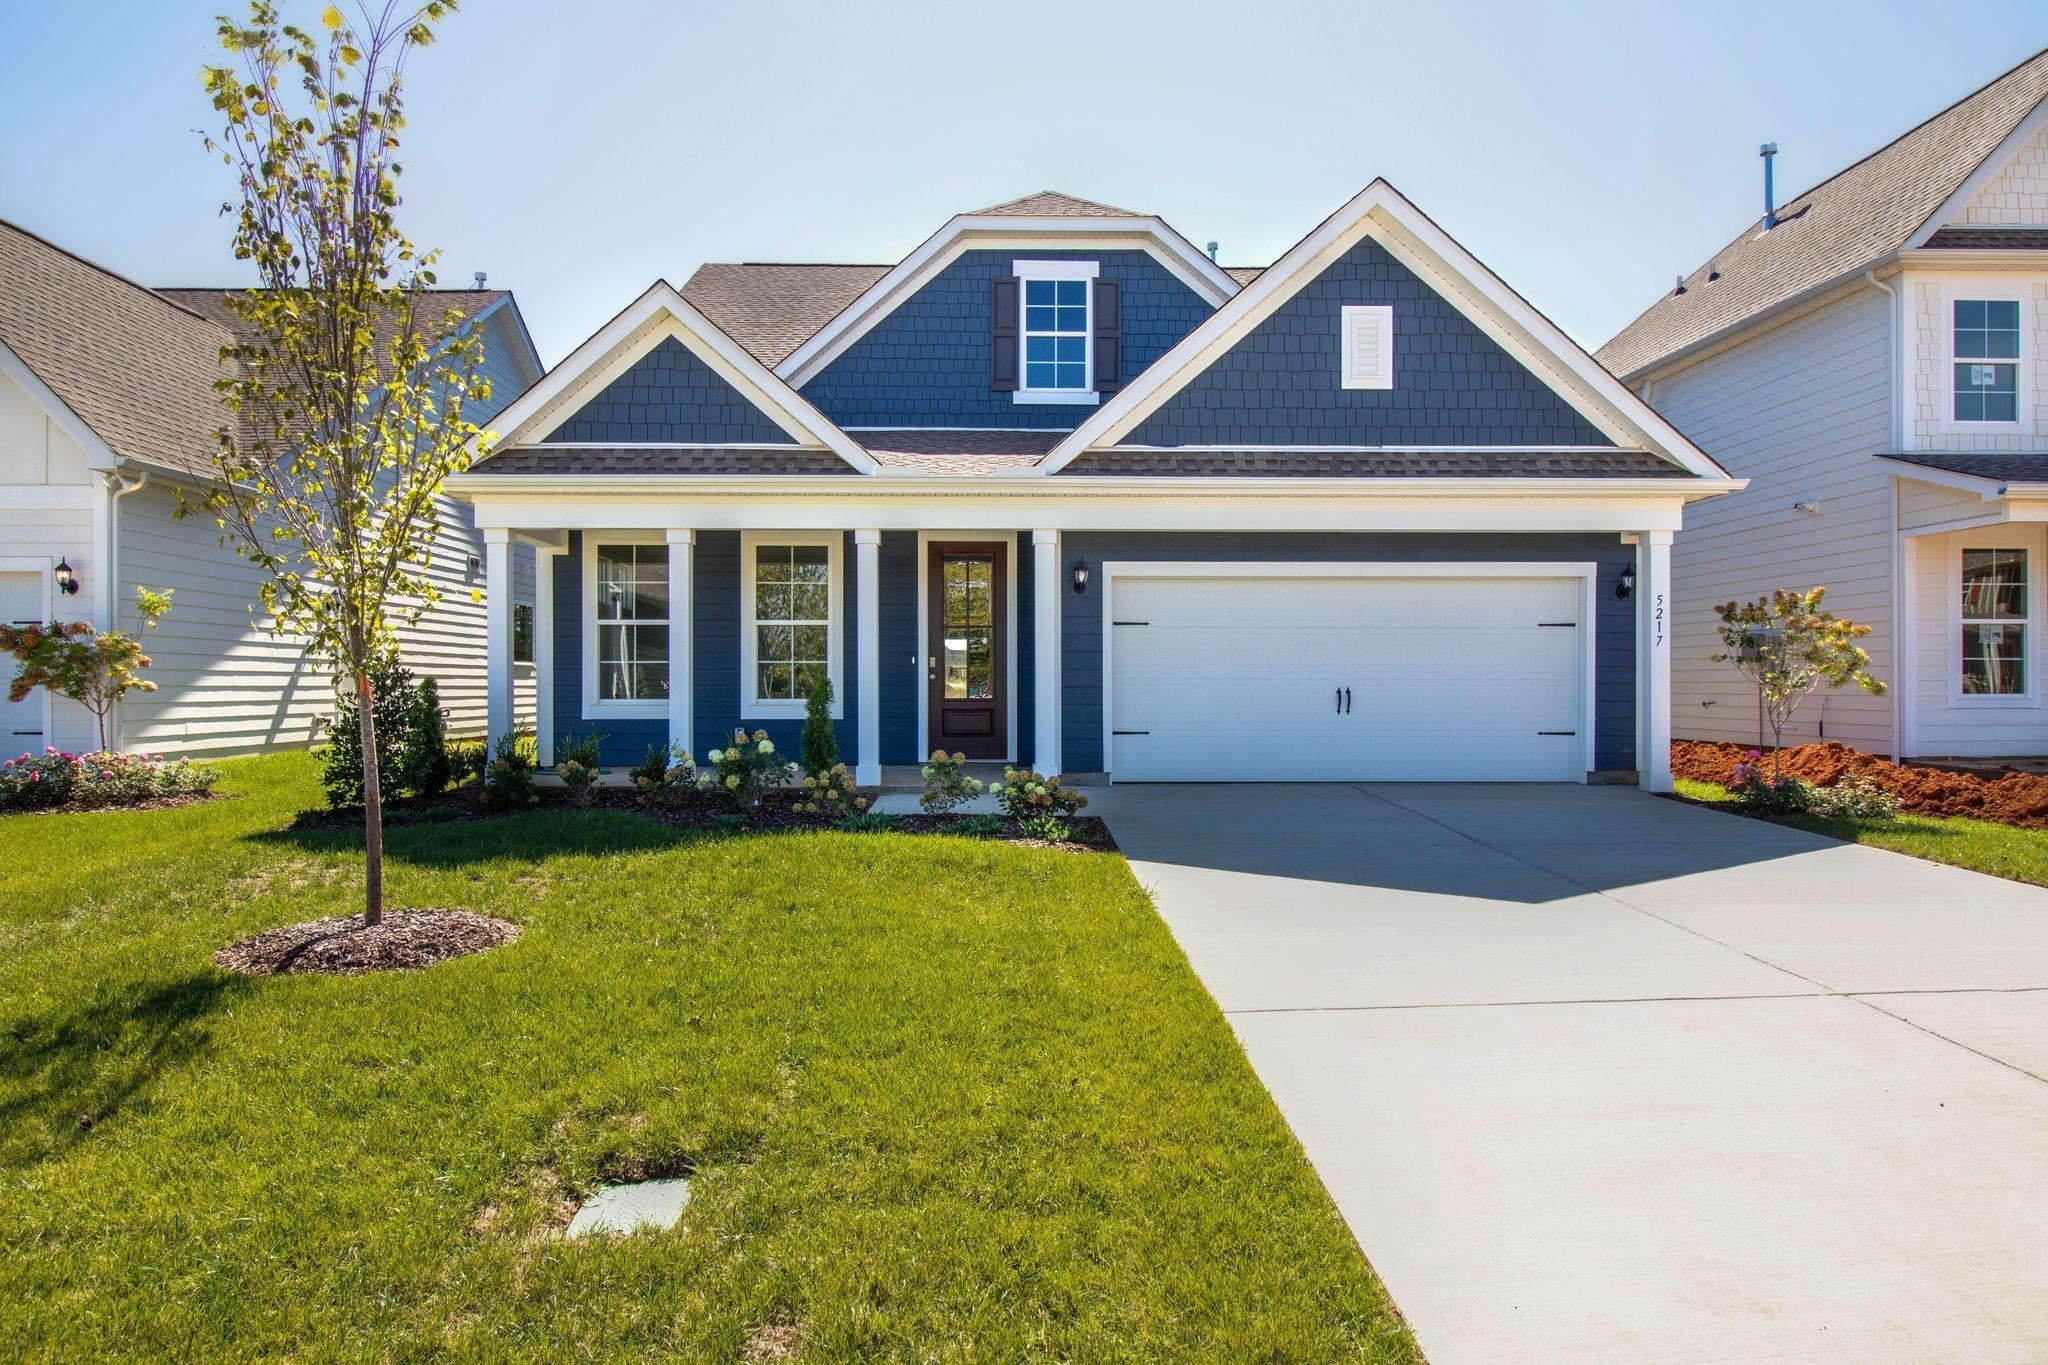 5217 Pointer Place Lot 138, Murfreesboro, TN 37129 - Murfreesboro, TN real estate listing